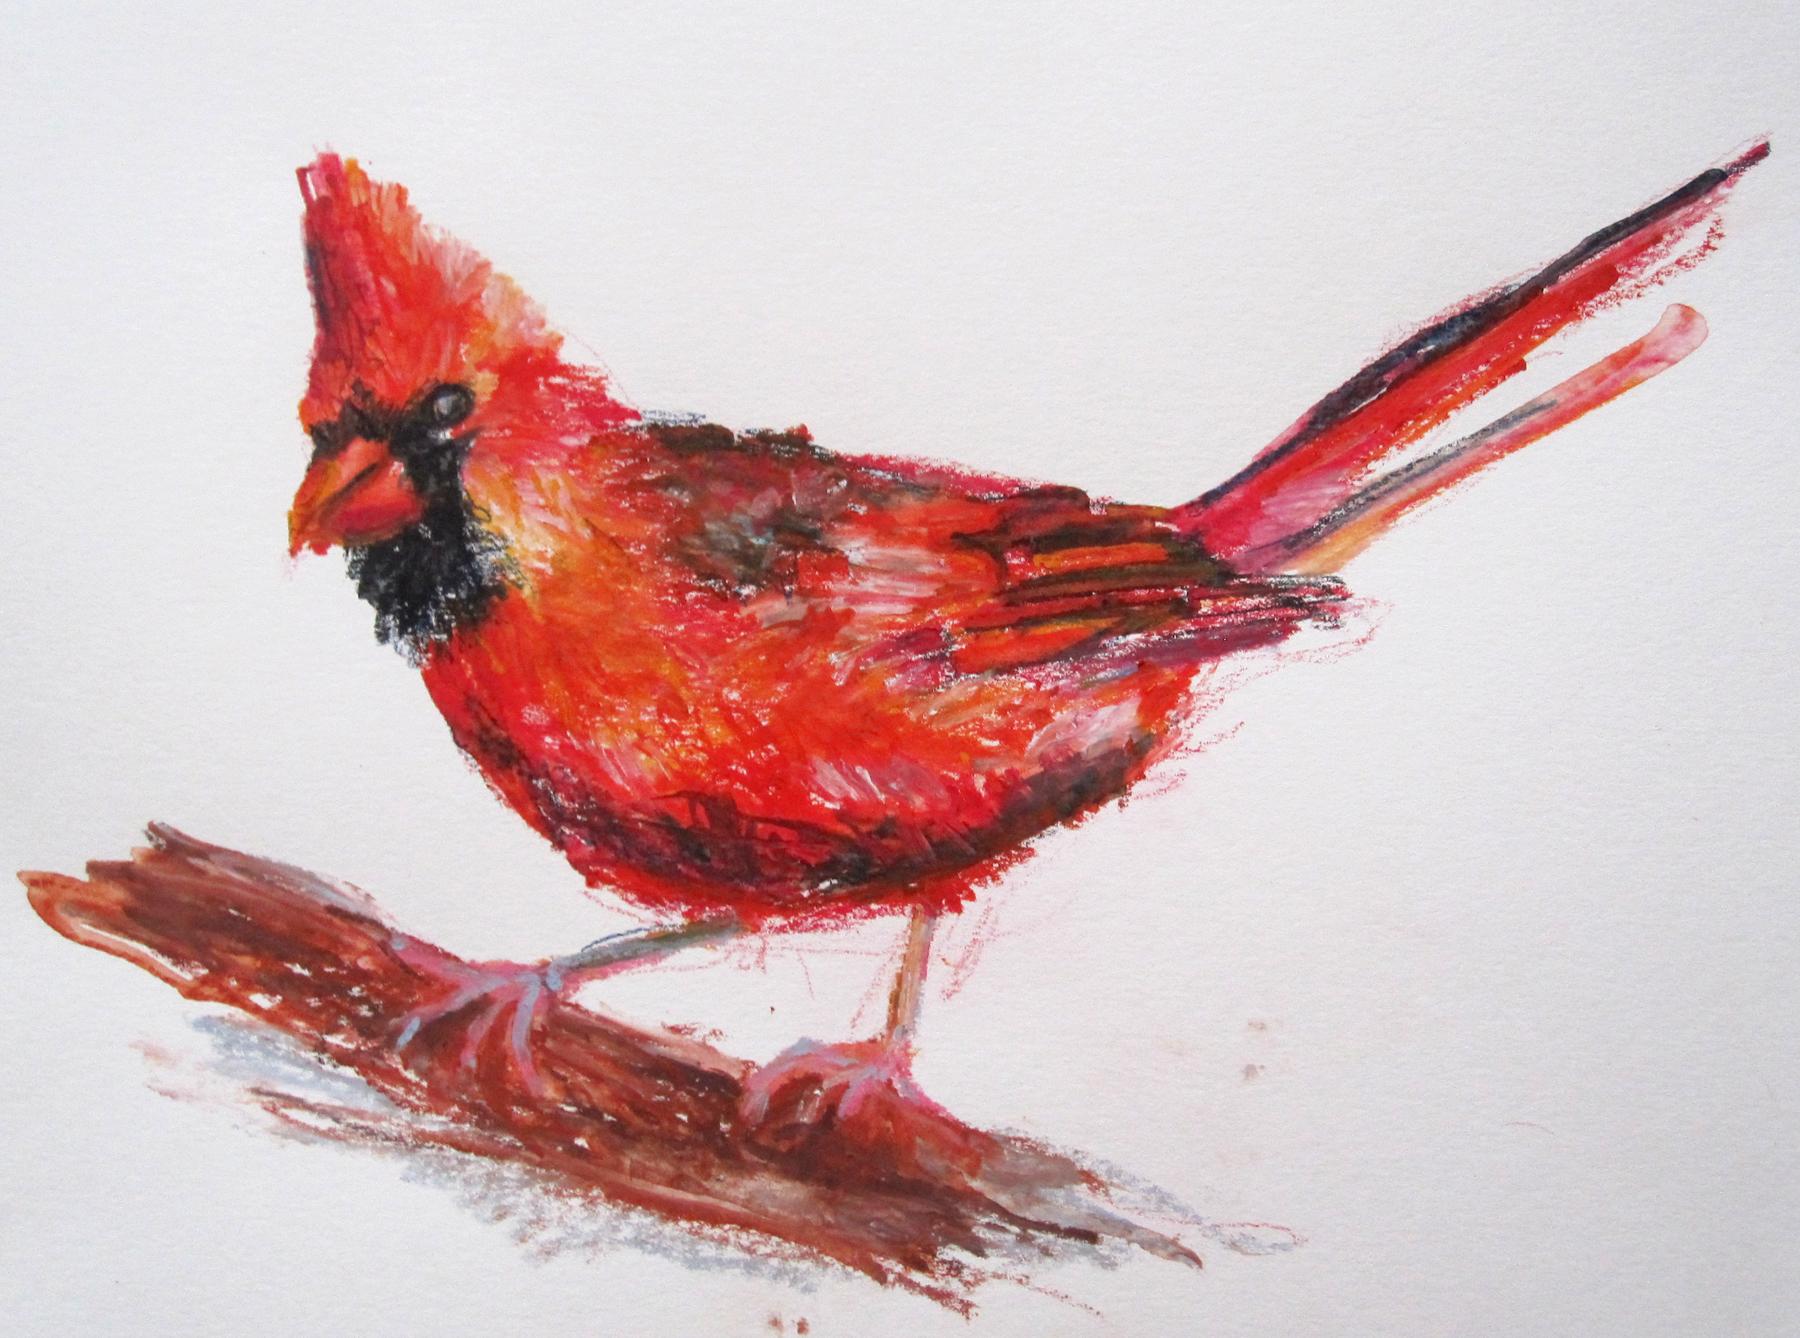 Botanical and Nature Art by Krzysztof Kowalski: Cardinal ...  |Cardinal Bird Drawings